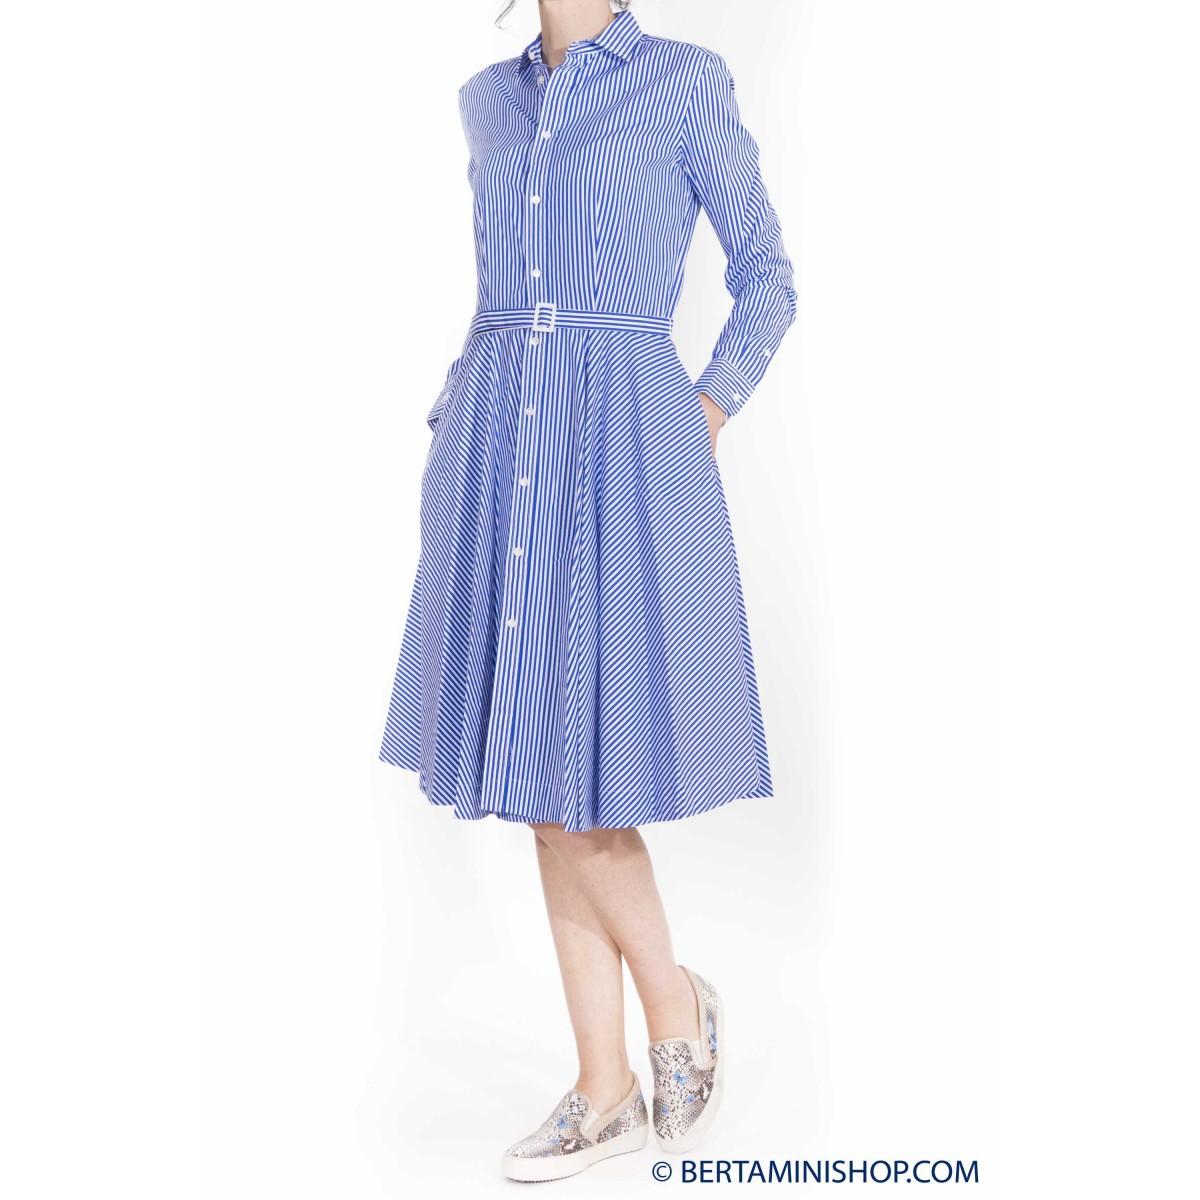 Camicia manica corta donna Ralph lauren - V33ih794bh794 vestito riga